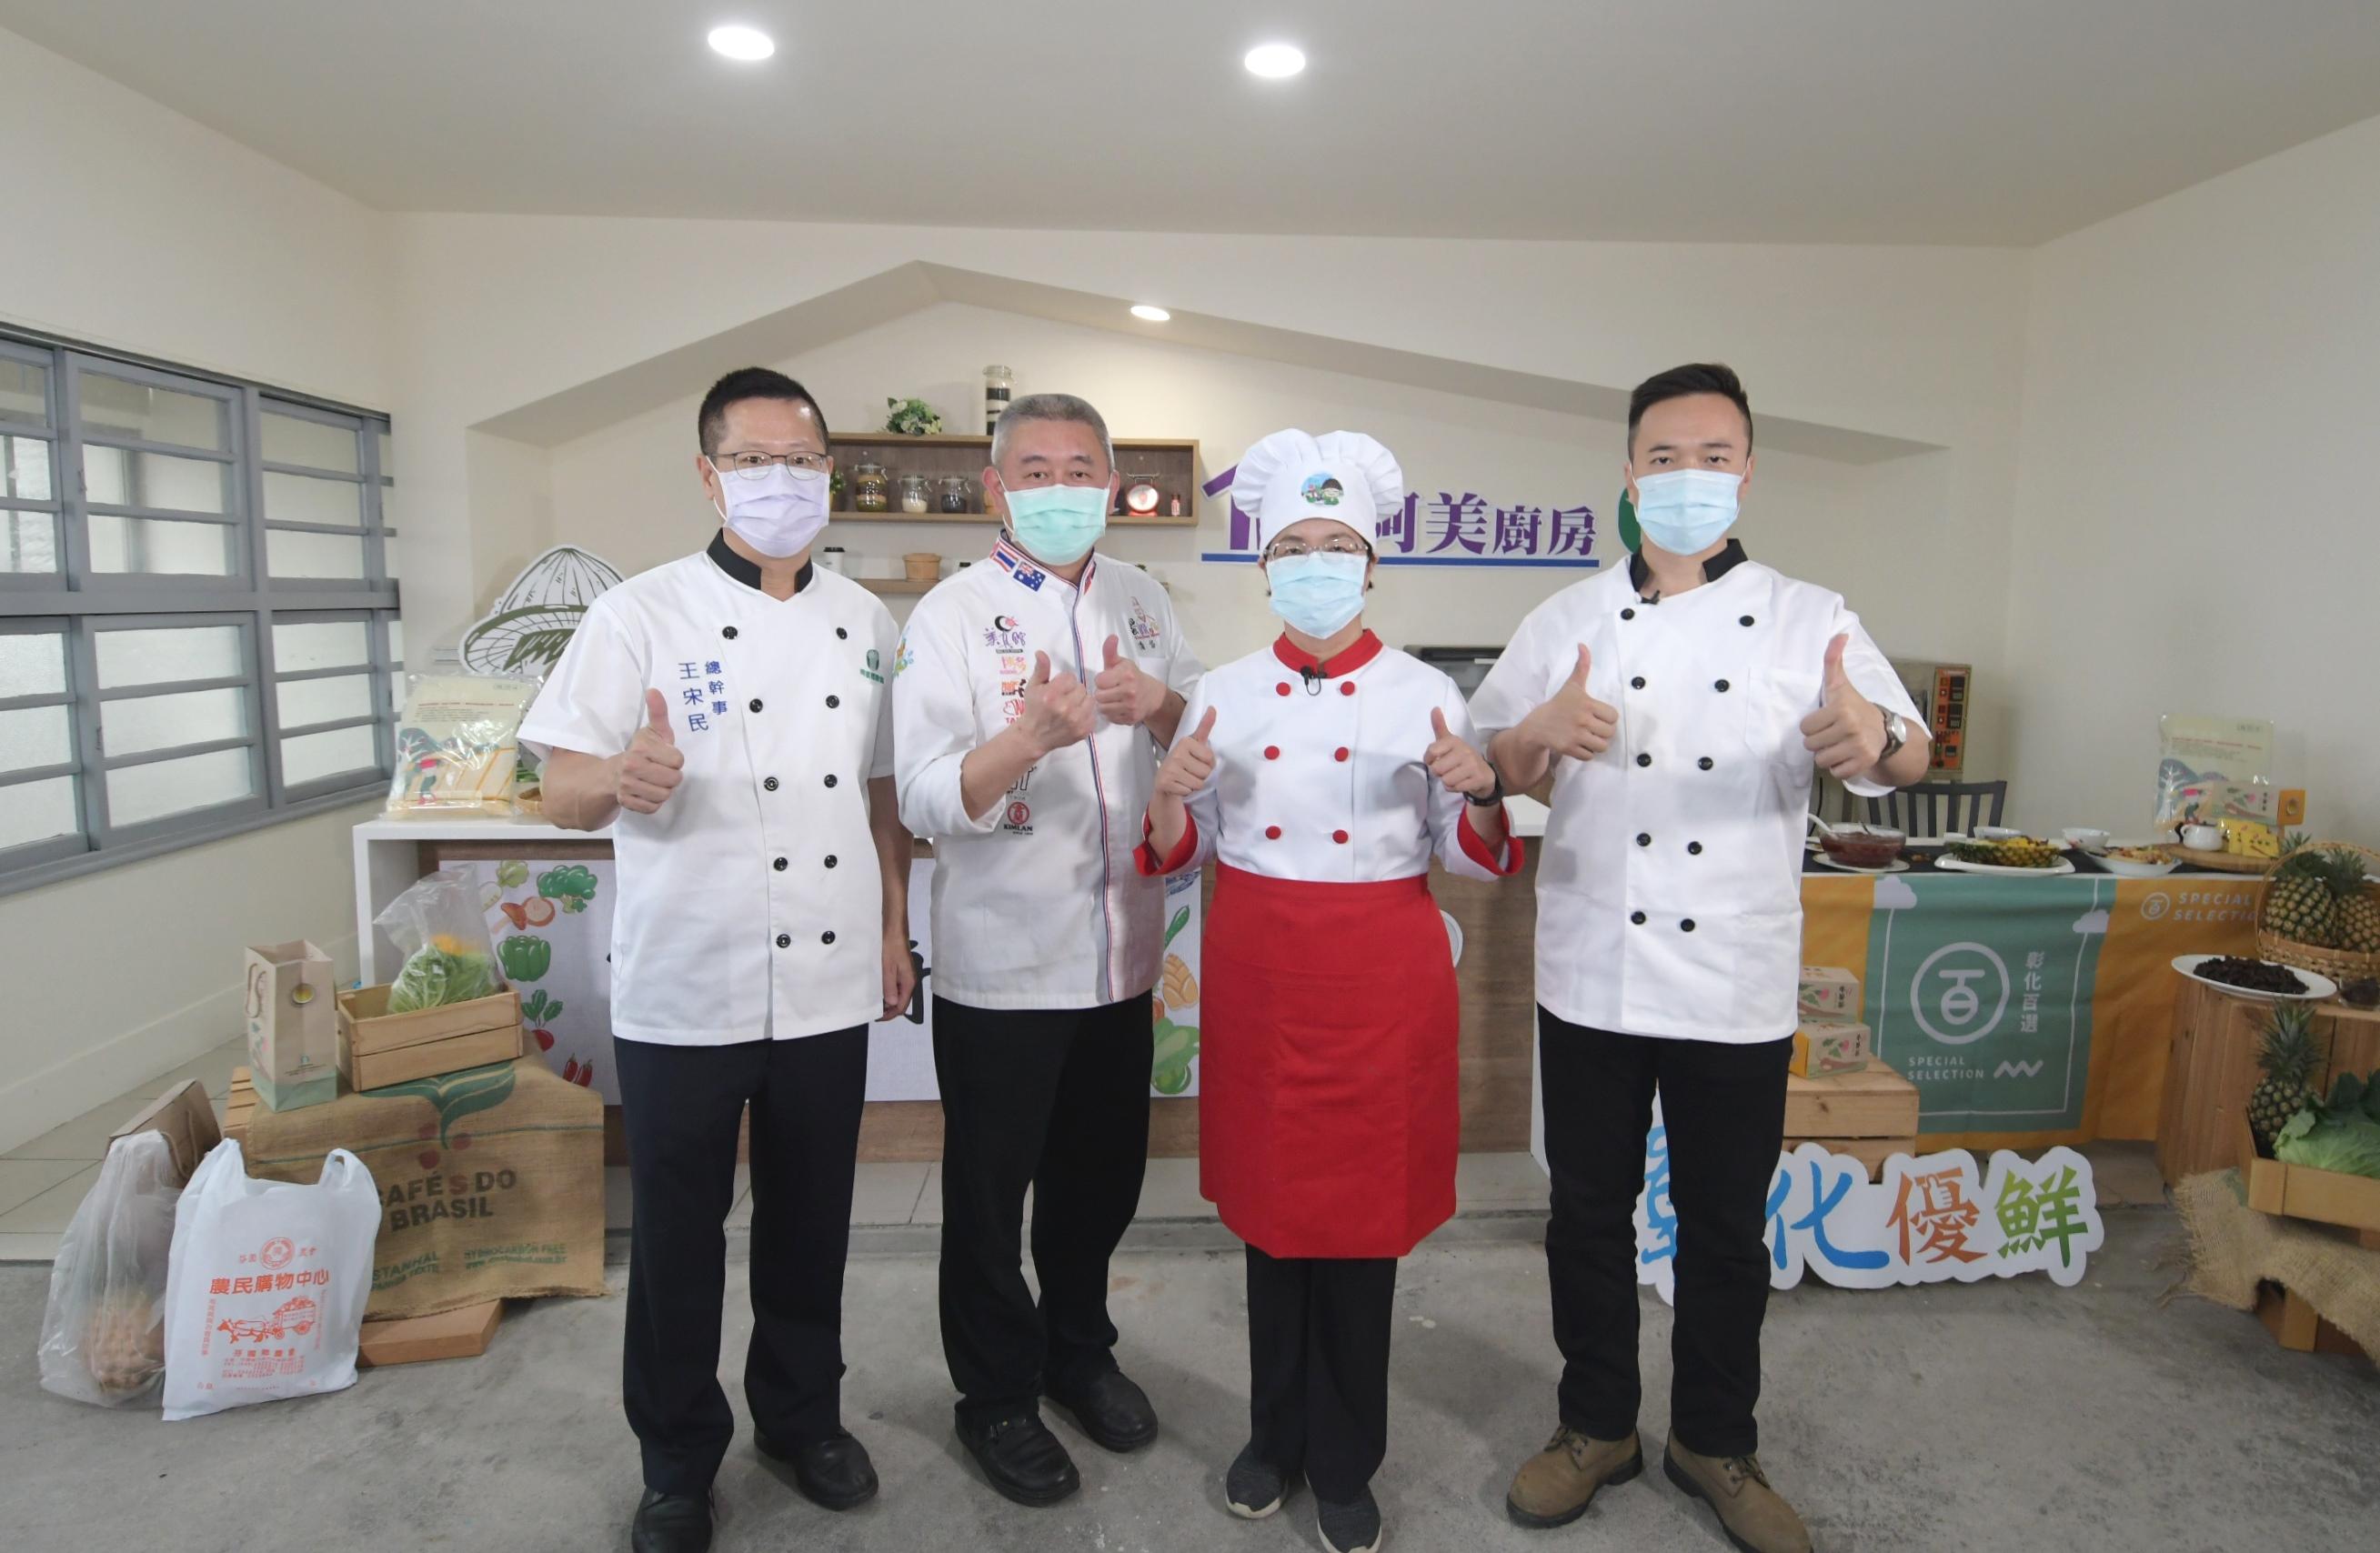 「阿美廚房」開張  王惠美縣長下廚行銷彰化農產